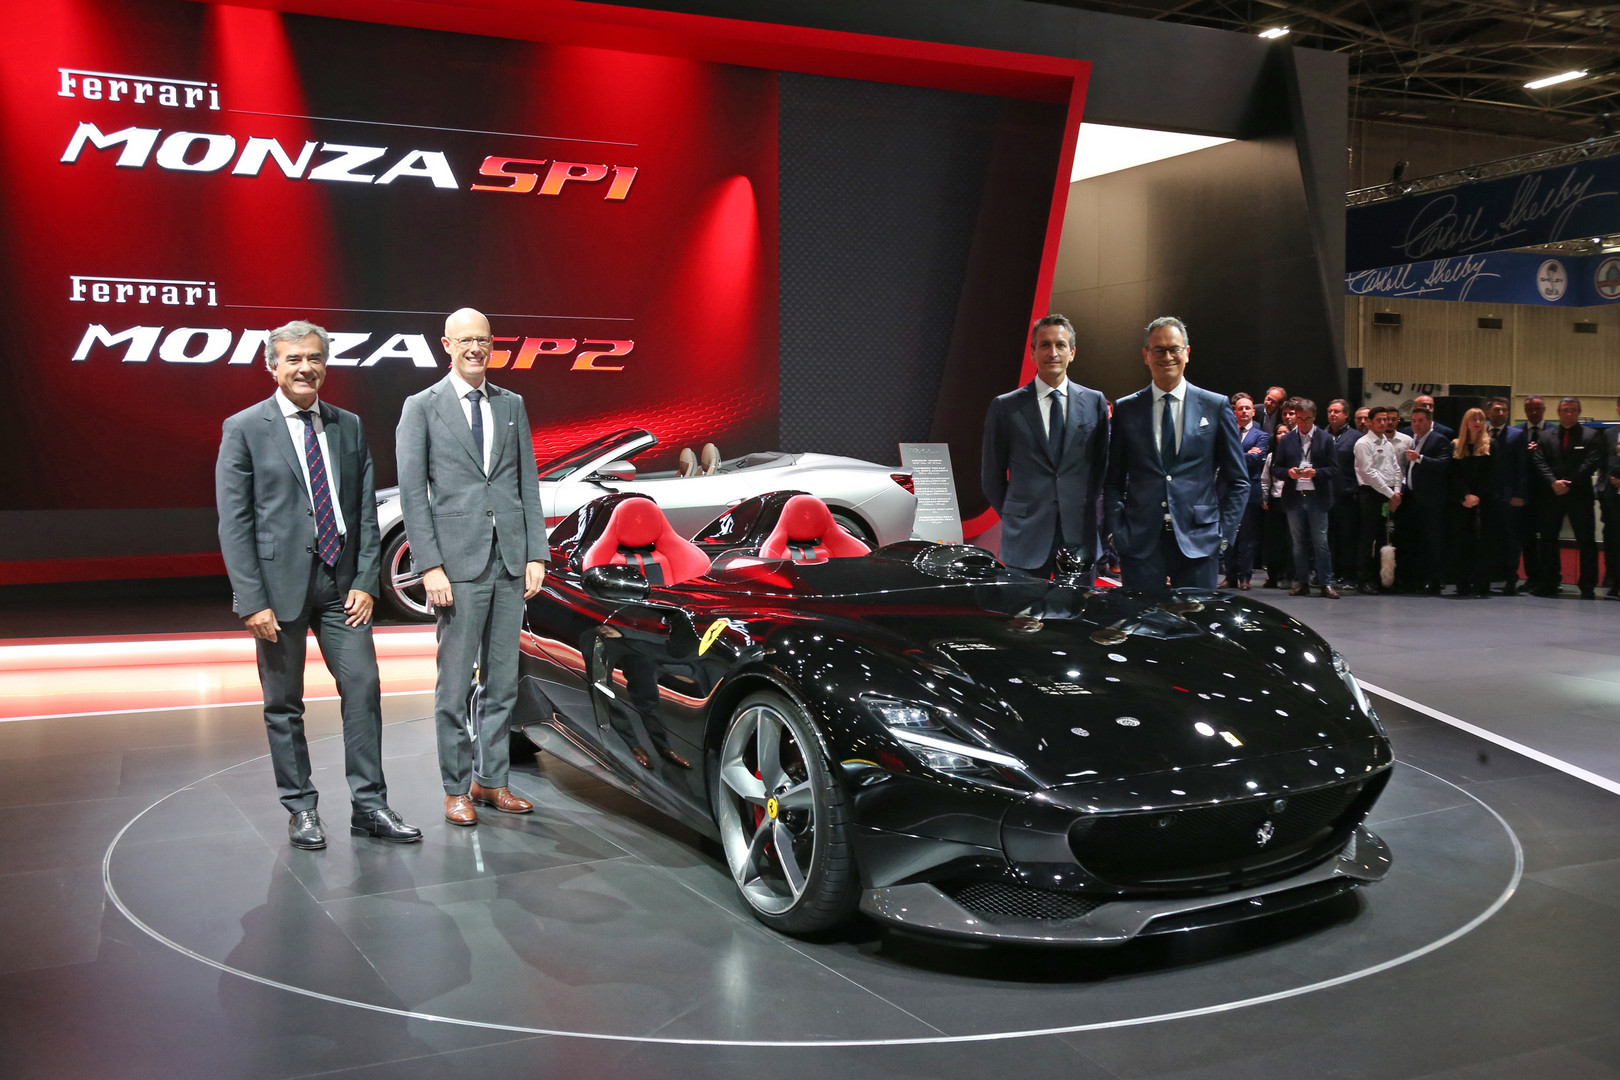 Ferrari Monza SP2 Black